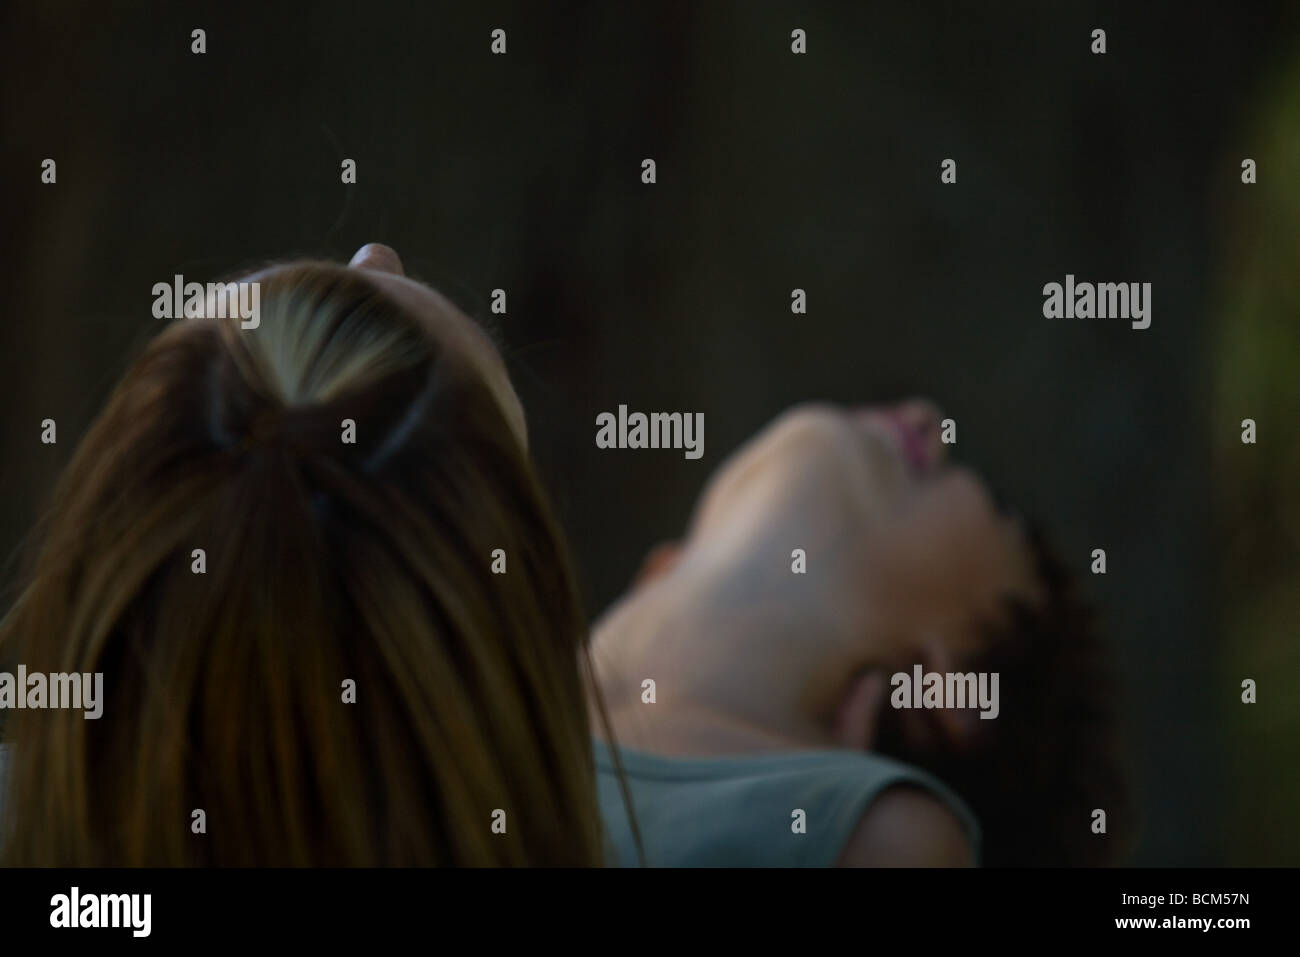 Frau und Kind Kopf nach hinten gelehnt, nachschlagen, unscharf gestellt Stockfoto